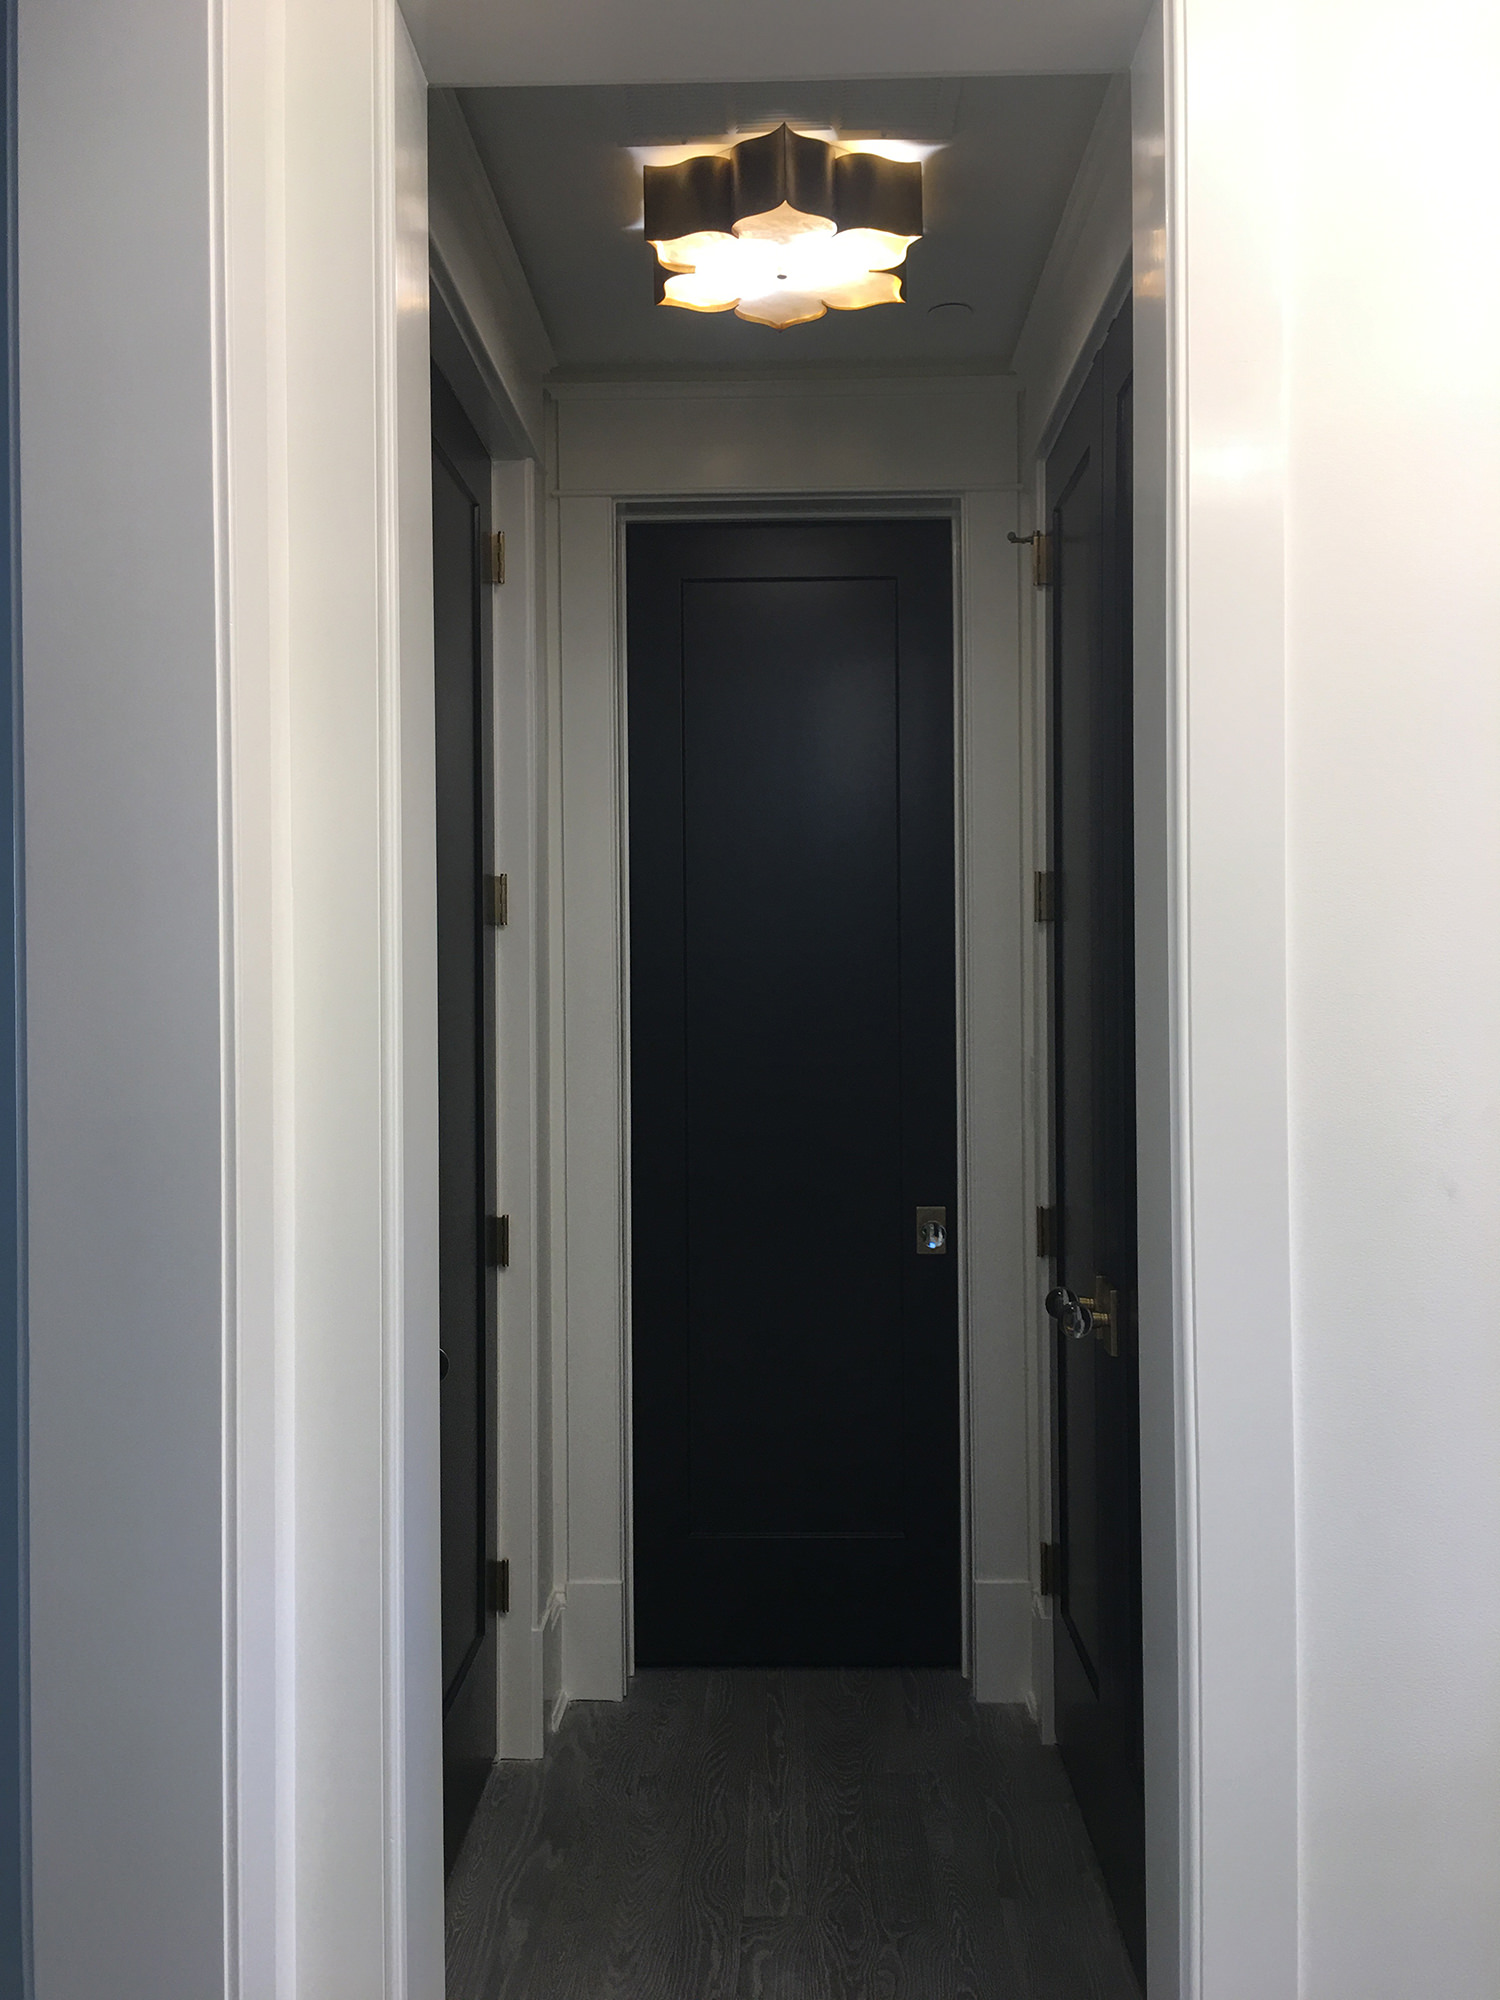 bethesda-maryland-doorways-interior-design-montgomery-home.jpg